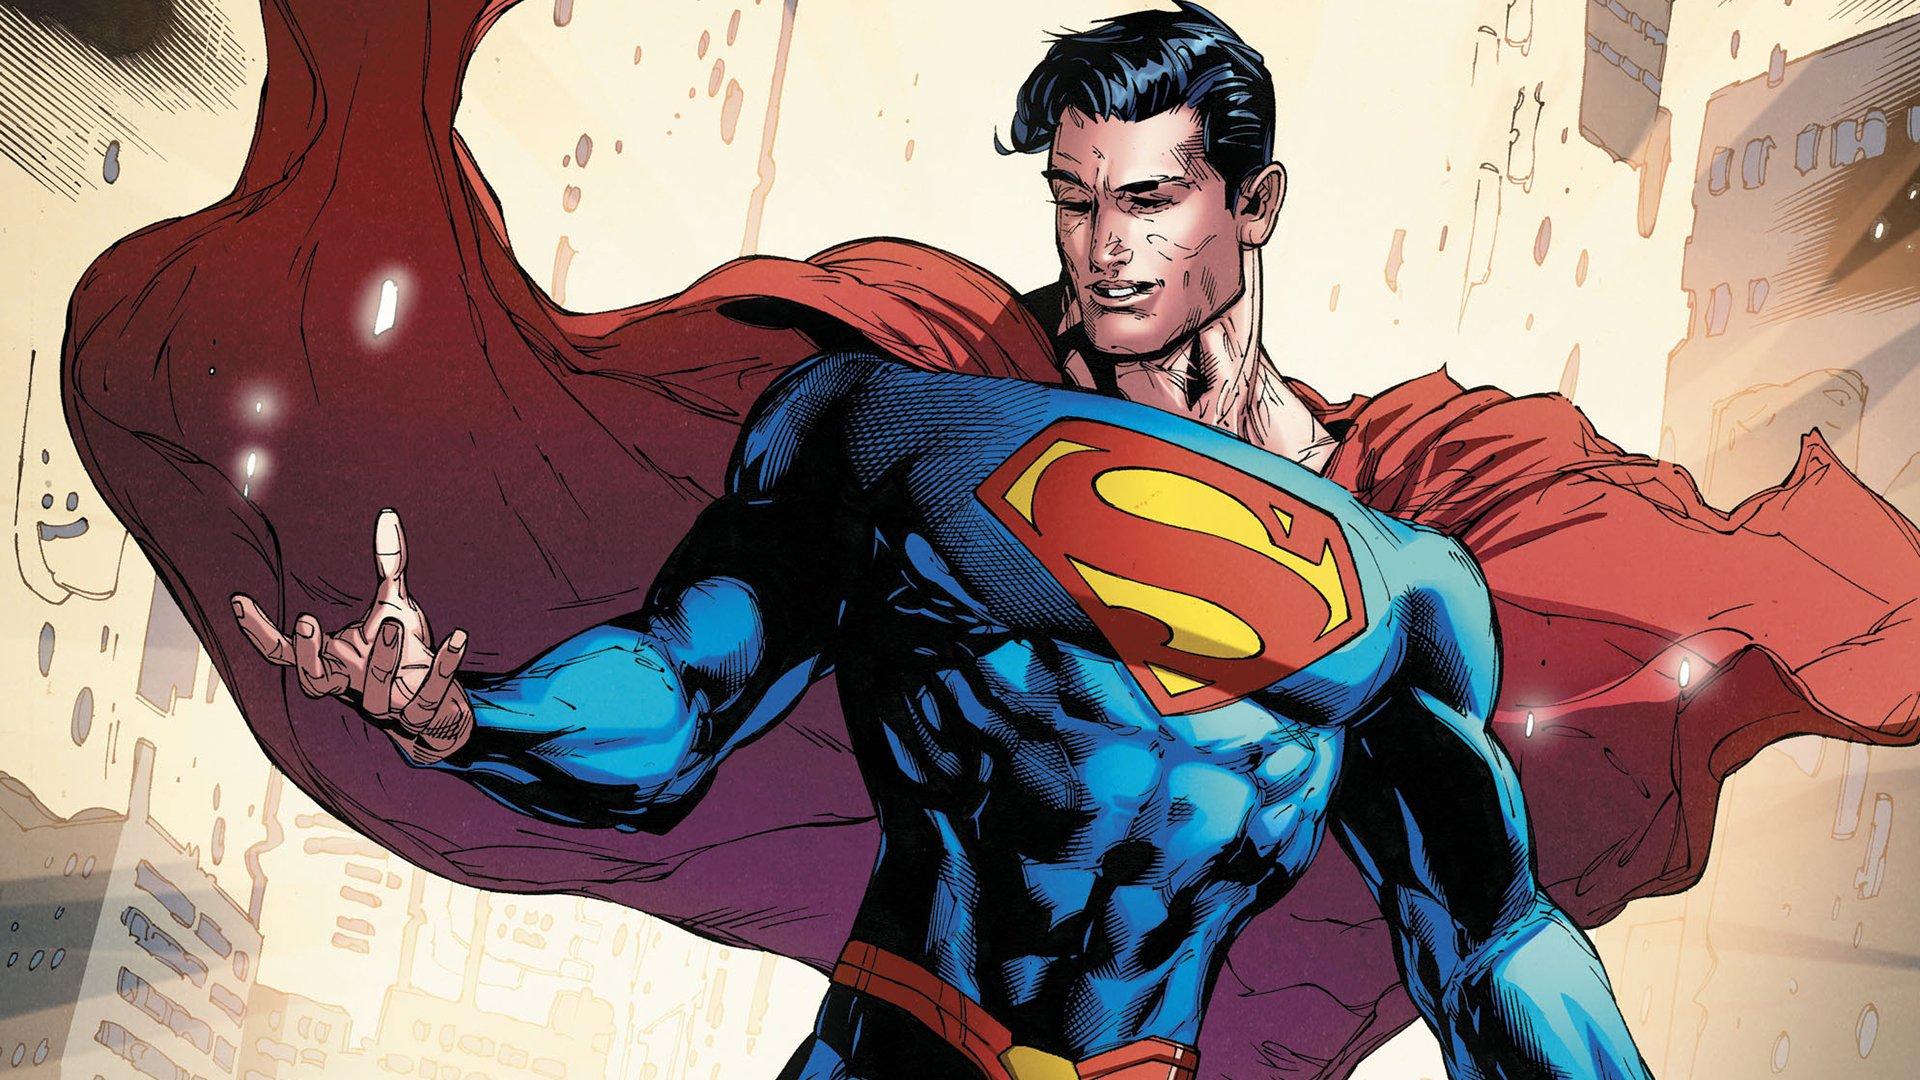 Comics - Superman  DC Comics Wallpaper